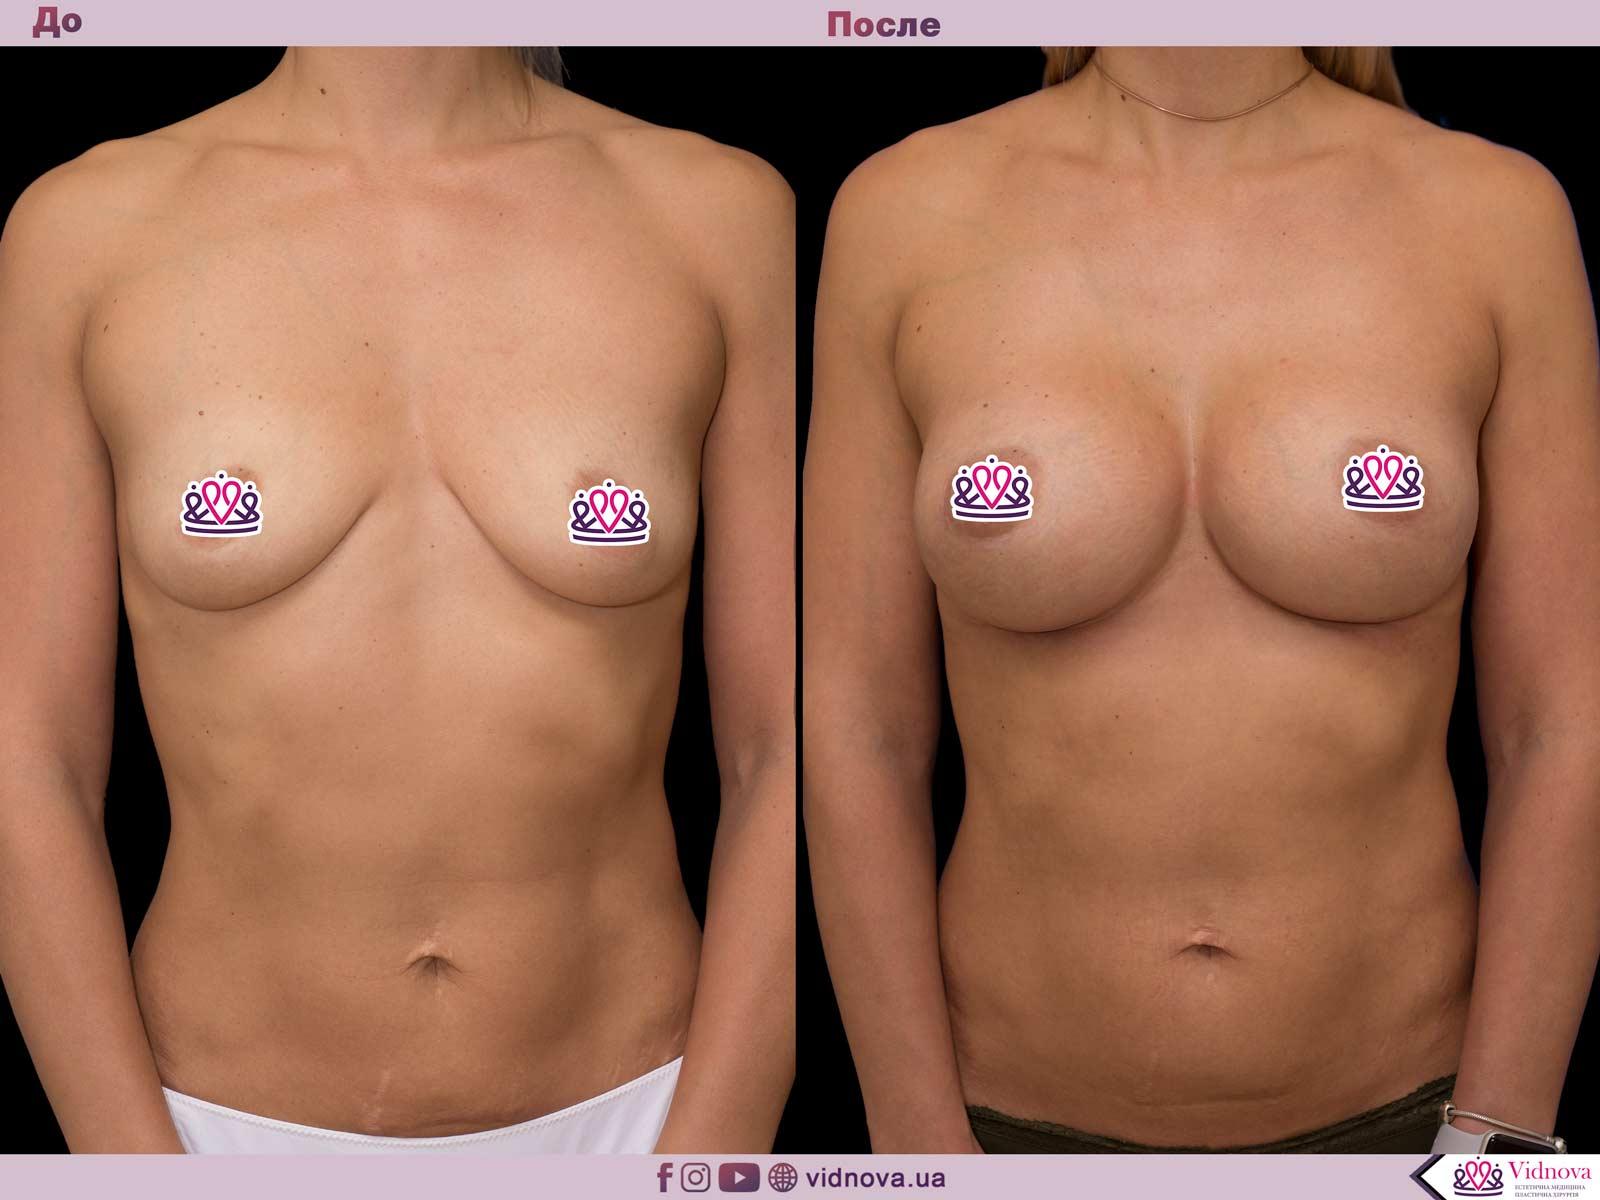 Пластика груди: результаты до и после - Пример №64-0 - Светлана Работенко